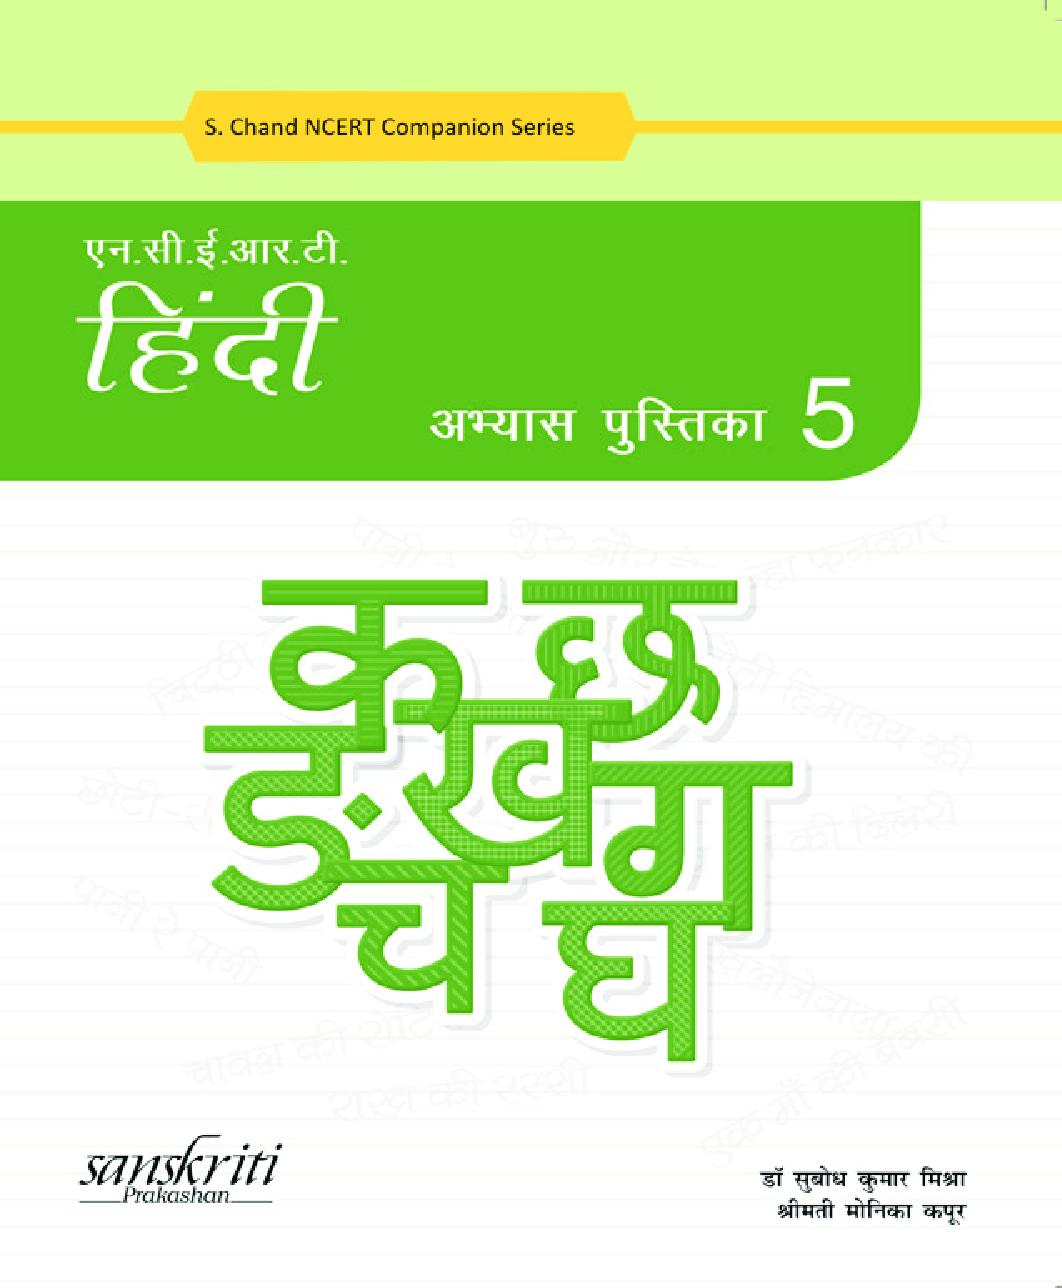 NCERT हिंदी अभ्यास पुस्तिका भाग-5 - Page 1